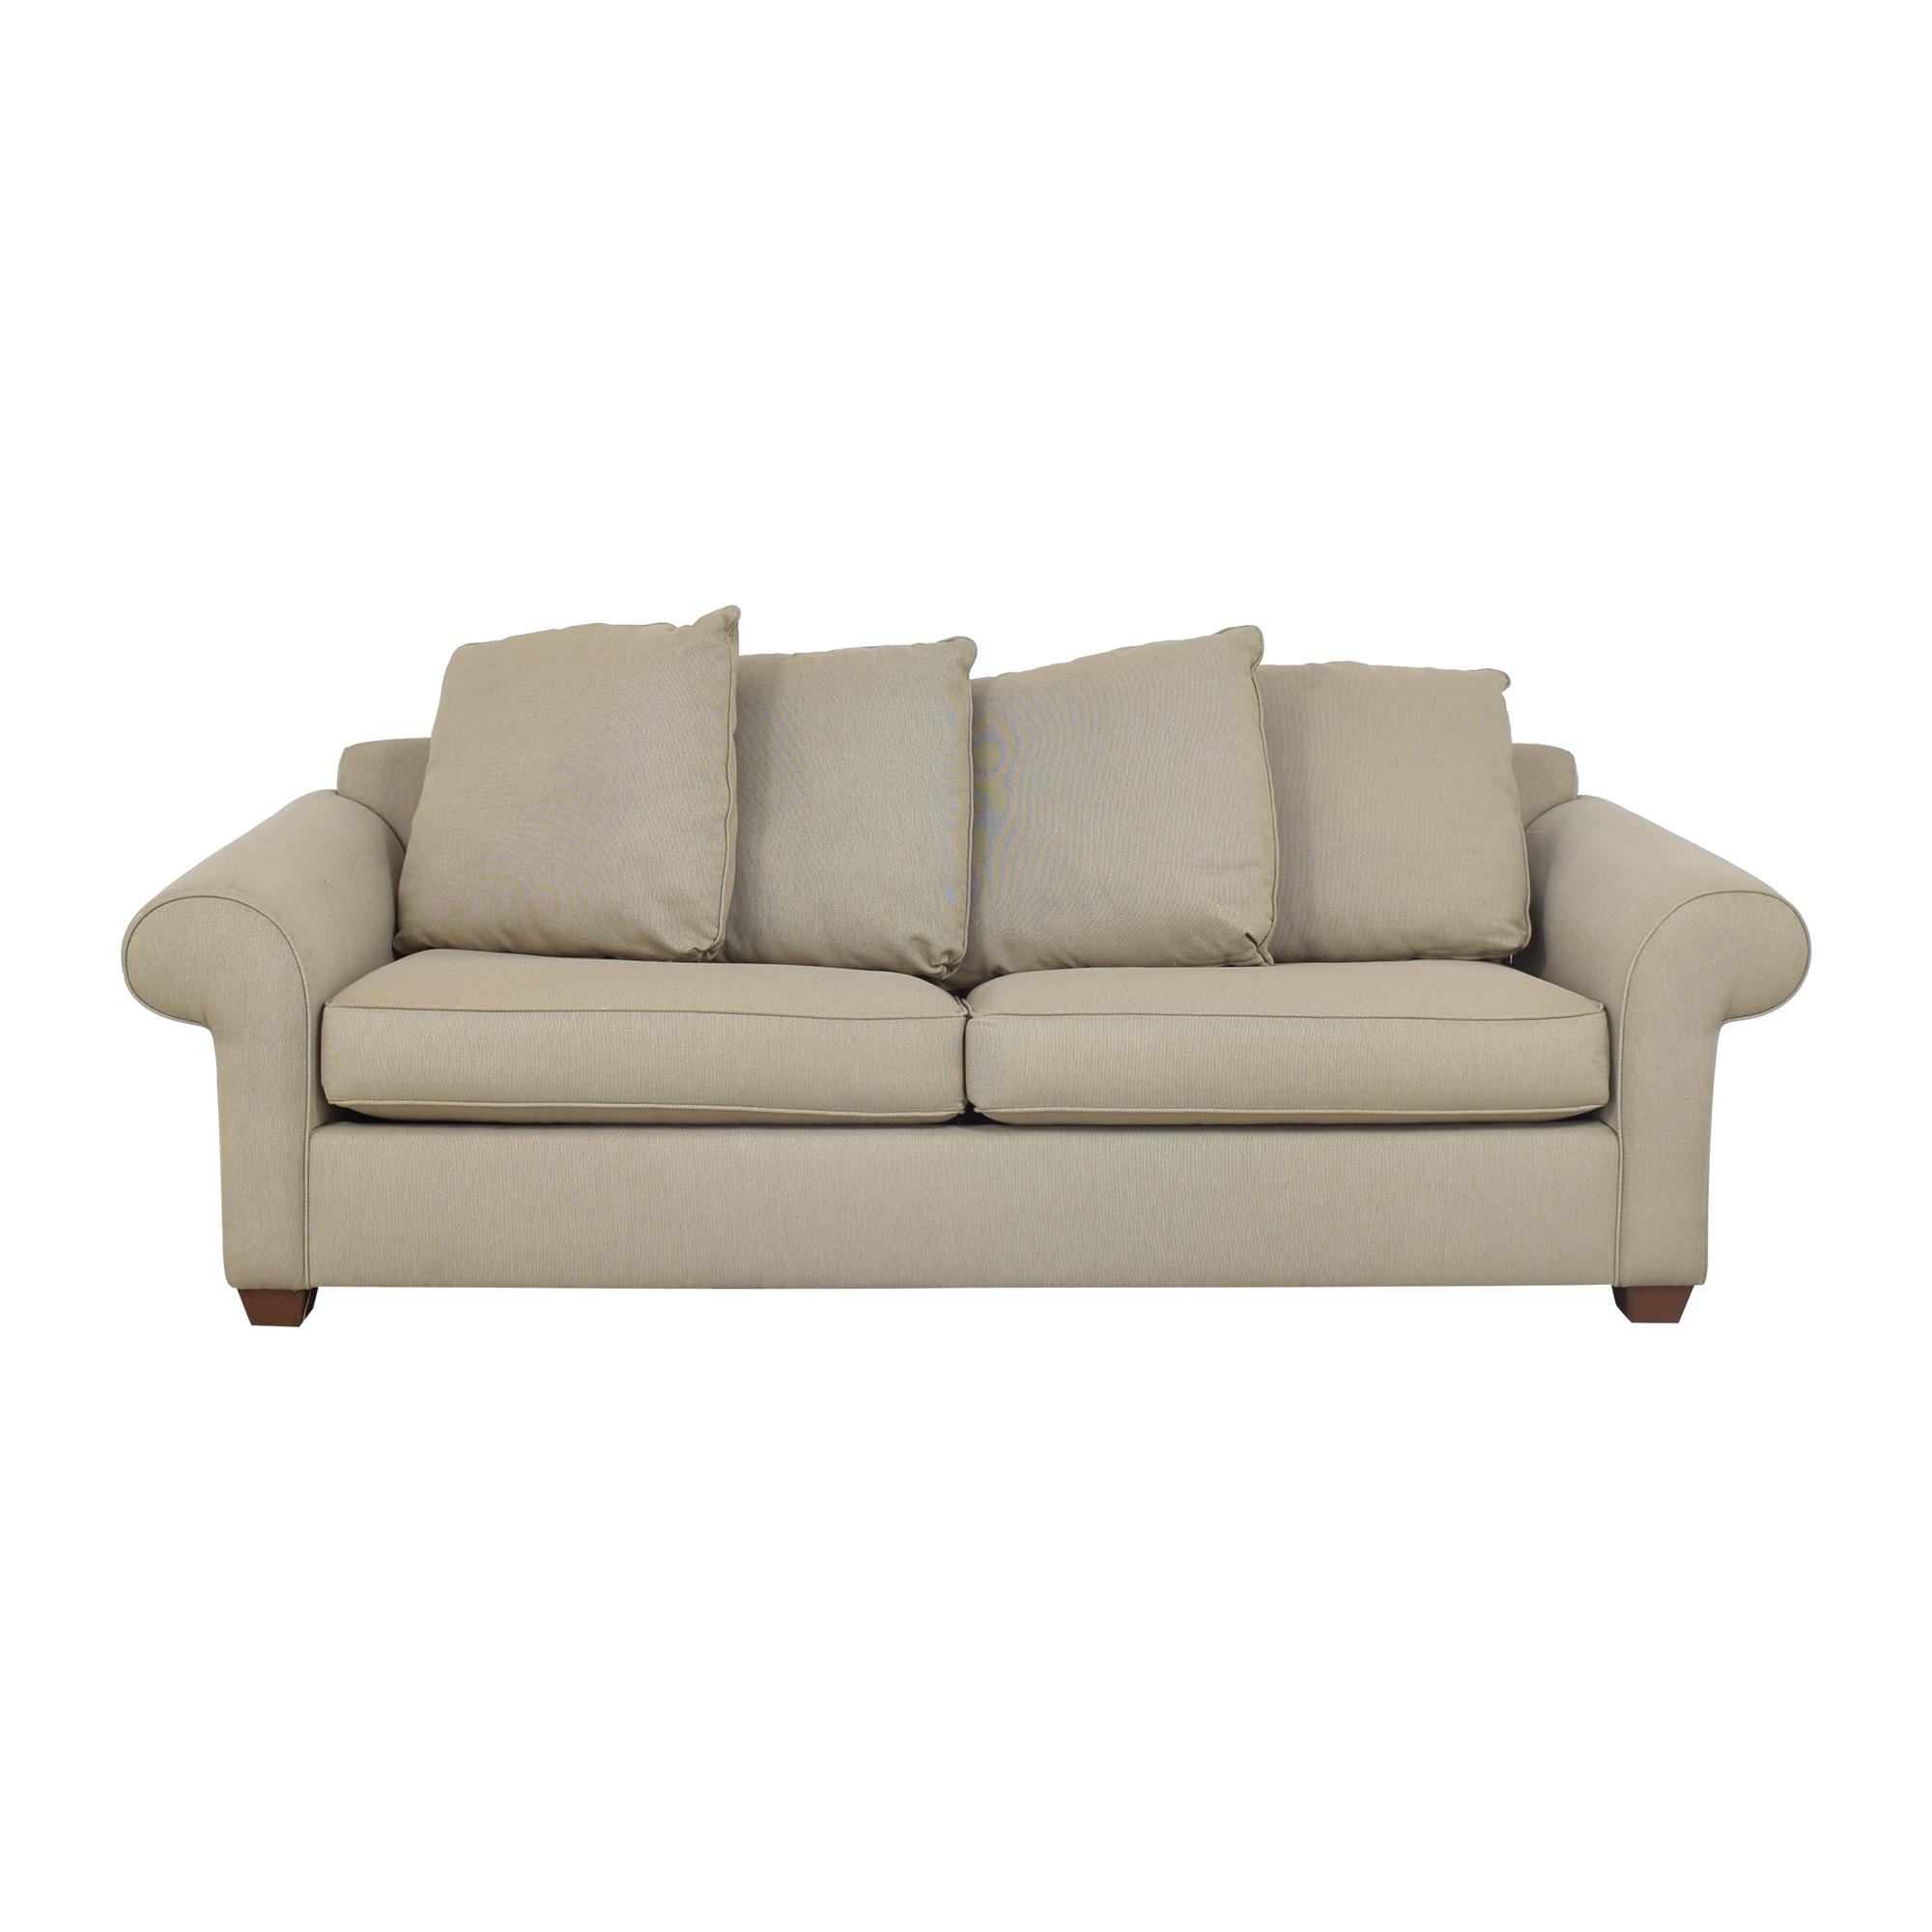 Bauhaus Furniture Bauhaus Roll Arm Sleeper Sofa second hand